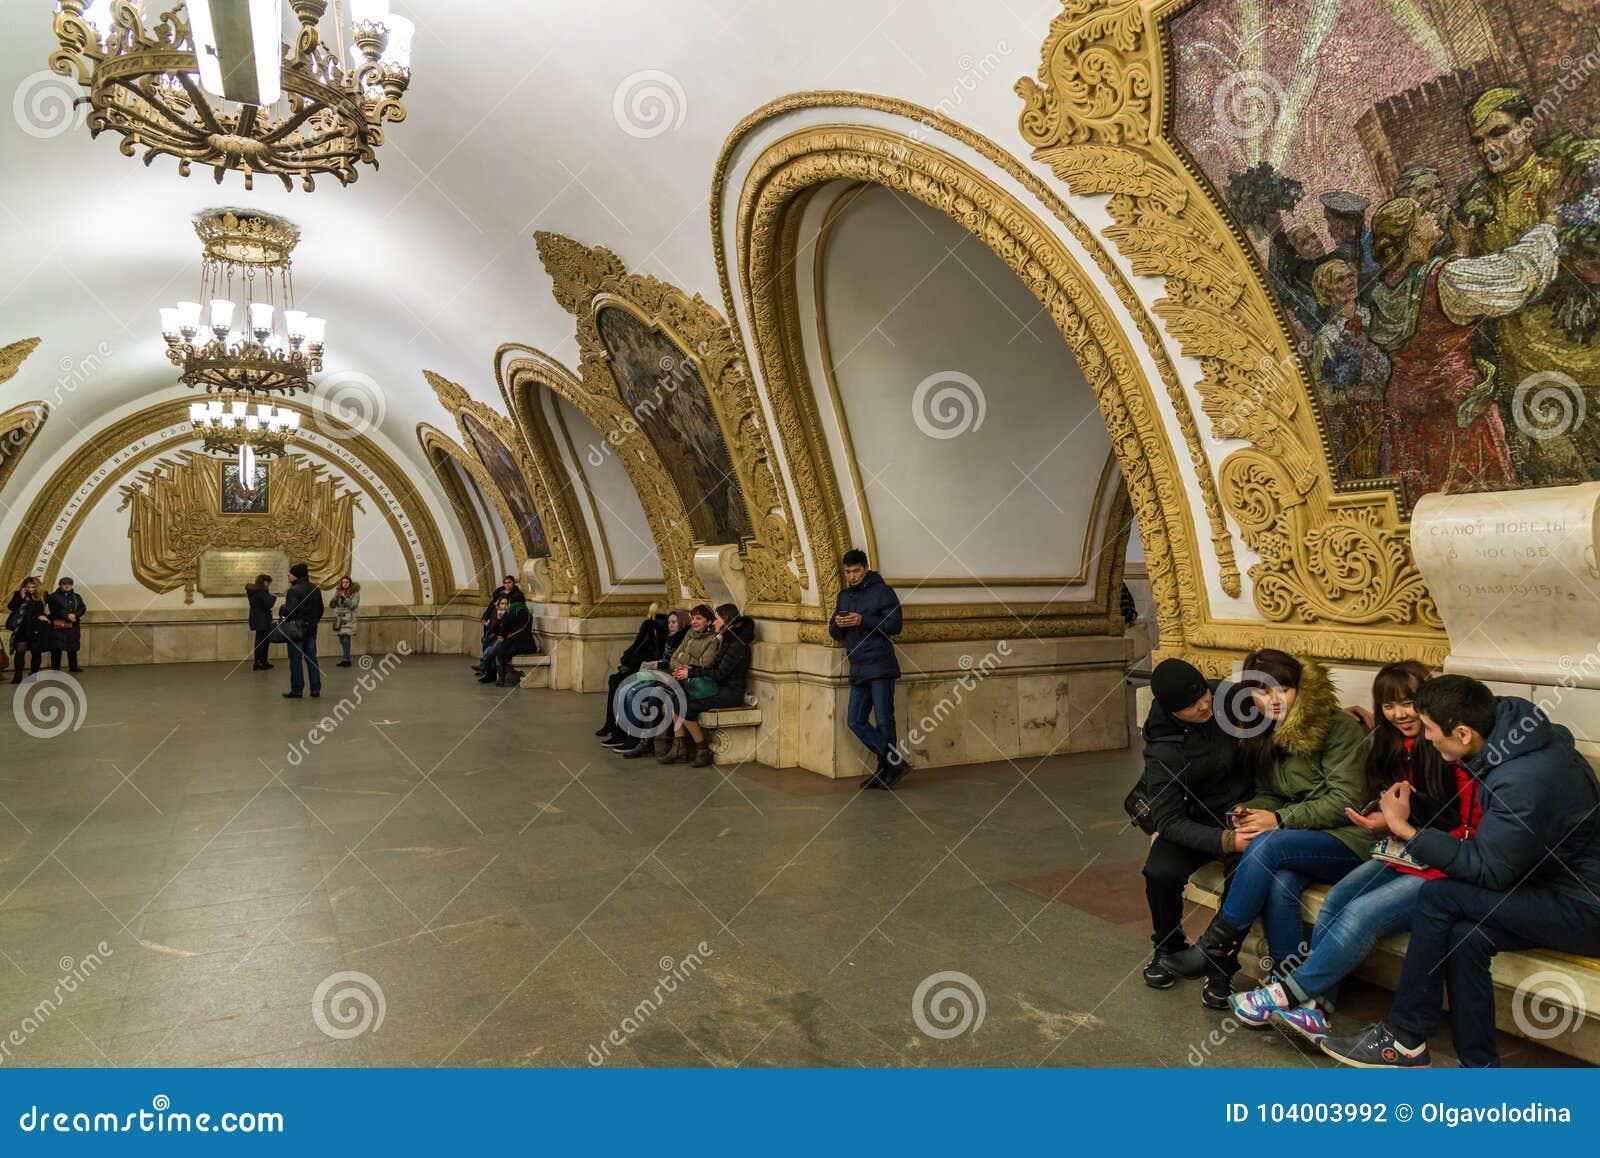 How to get to metro Kievskaya 18